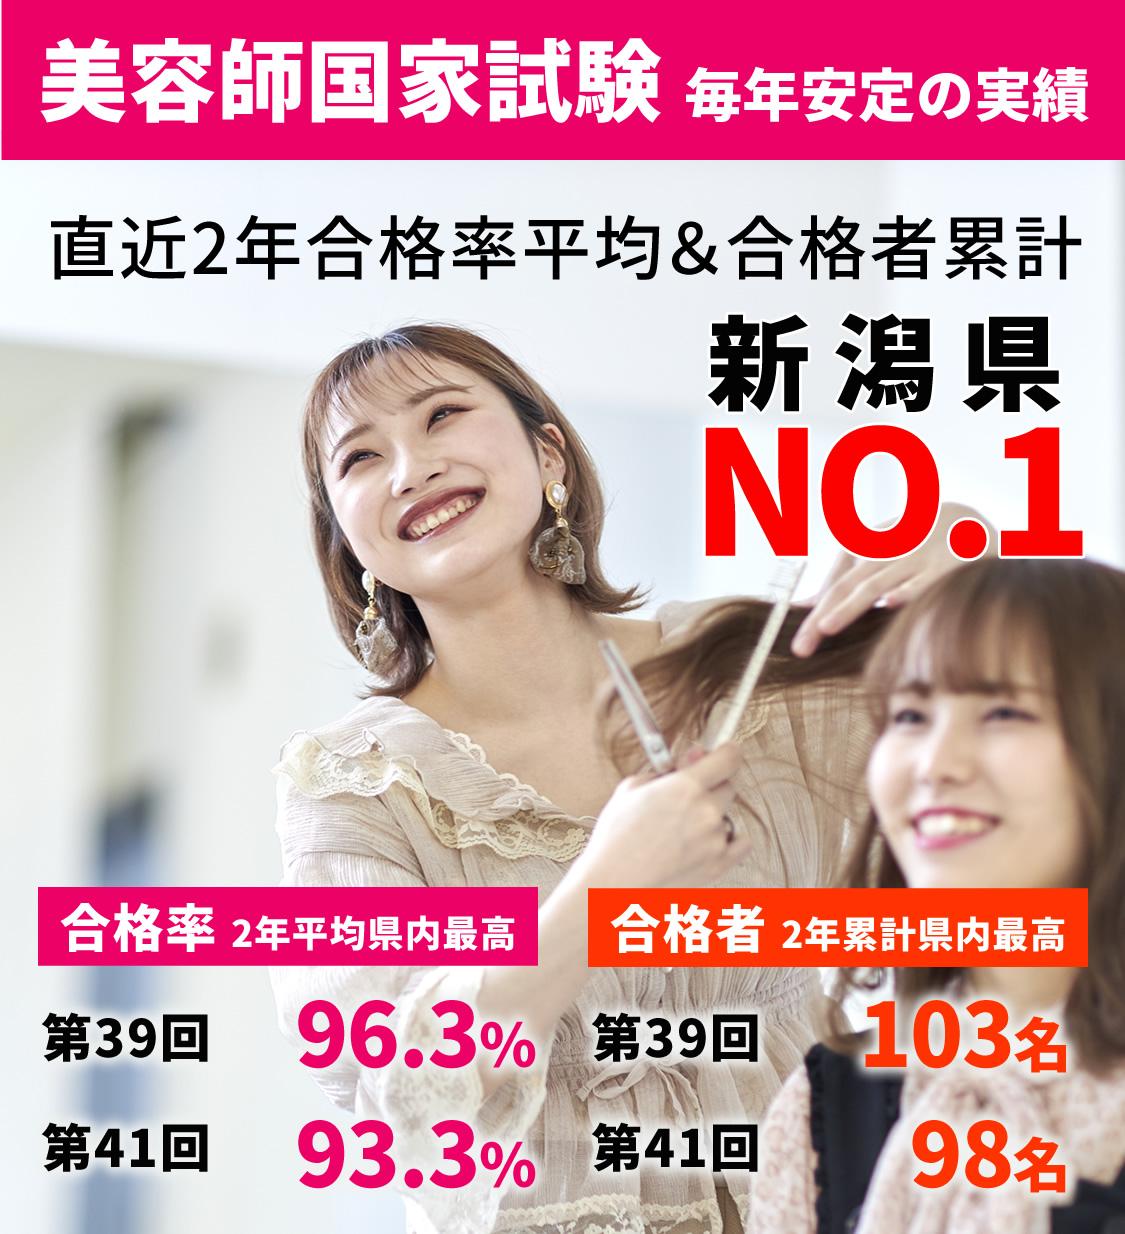 2018年度 美容師国家試験 新潟県NO.1